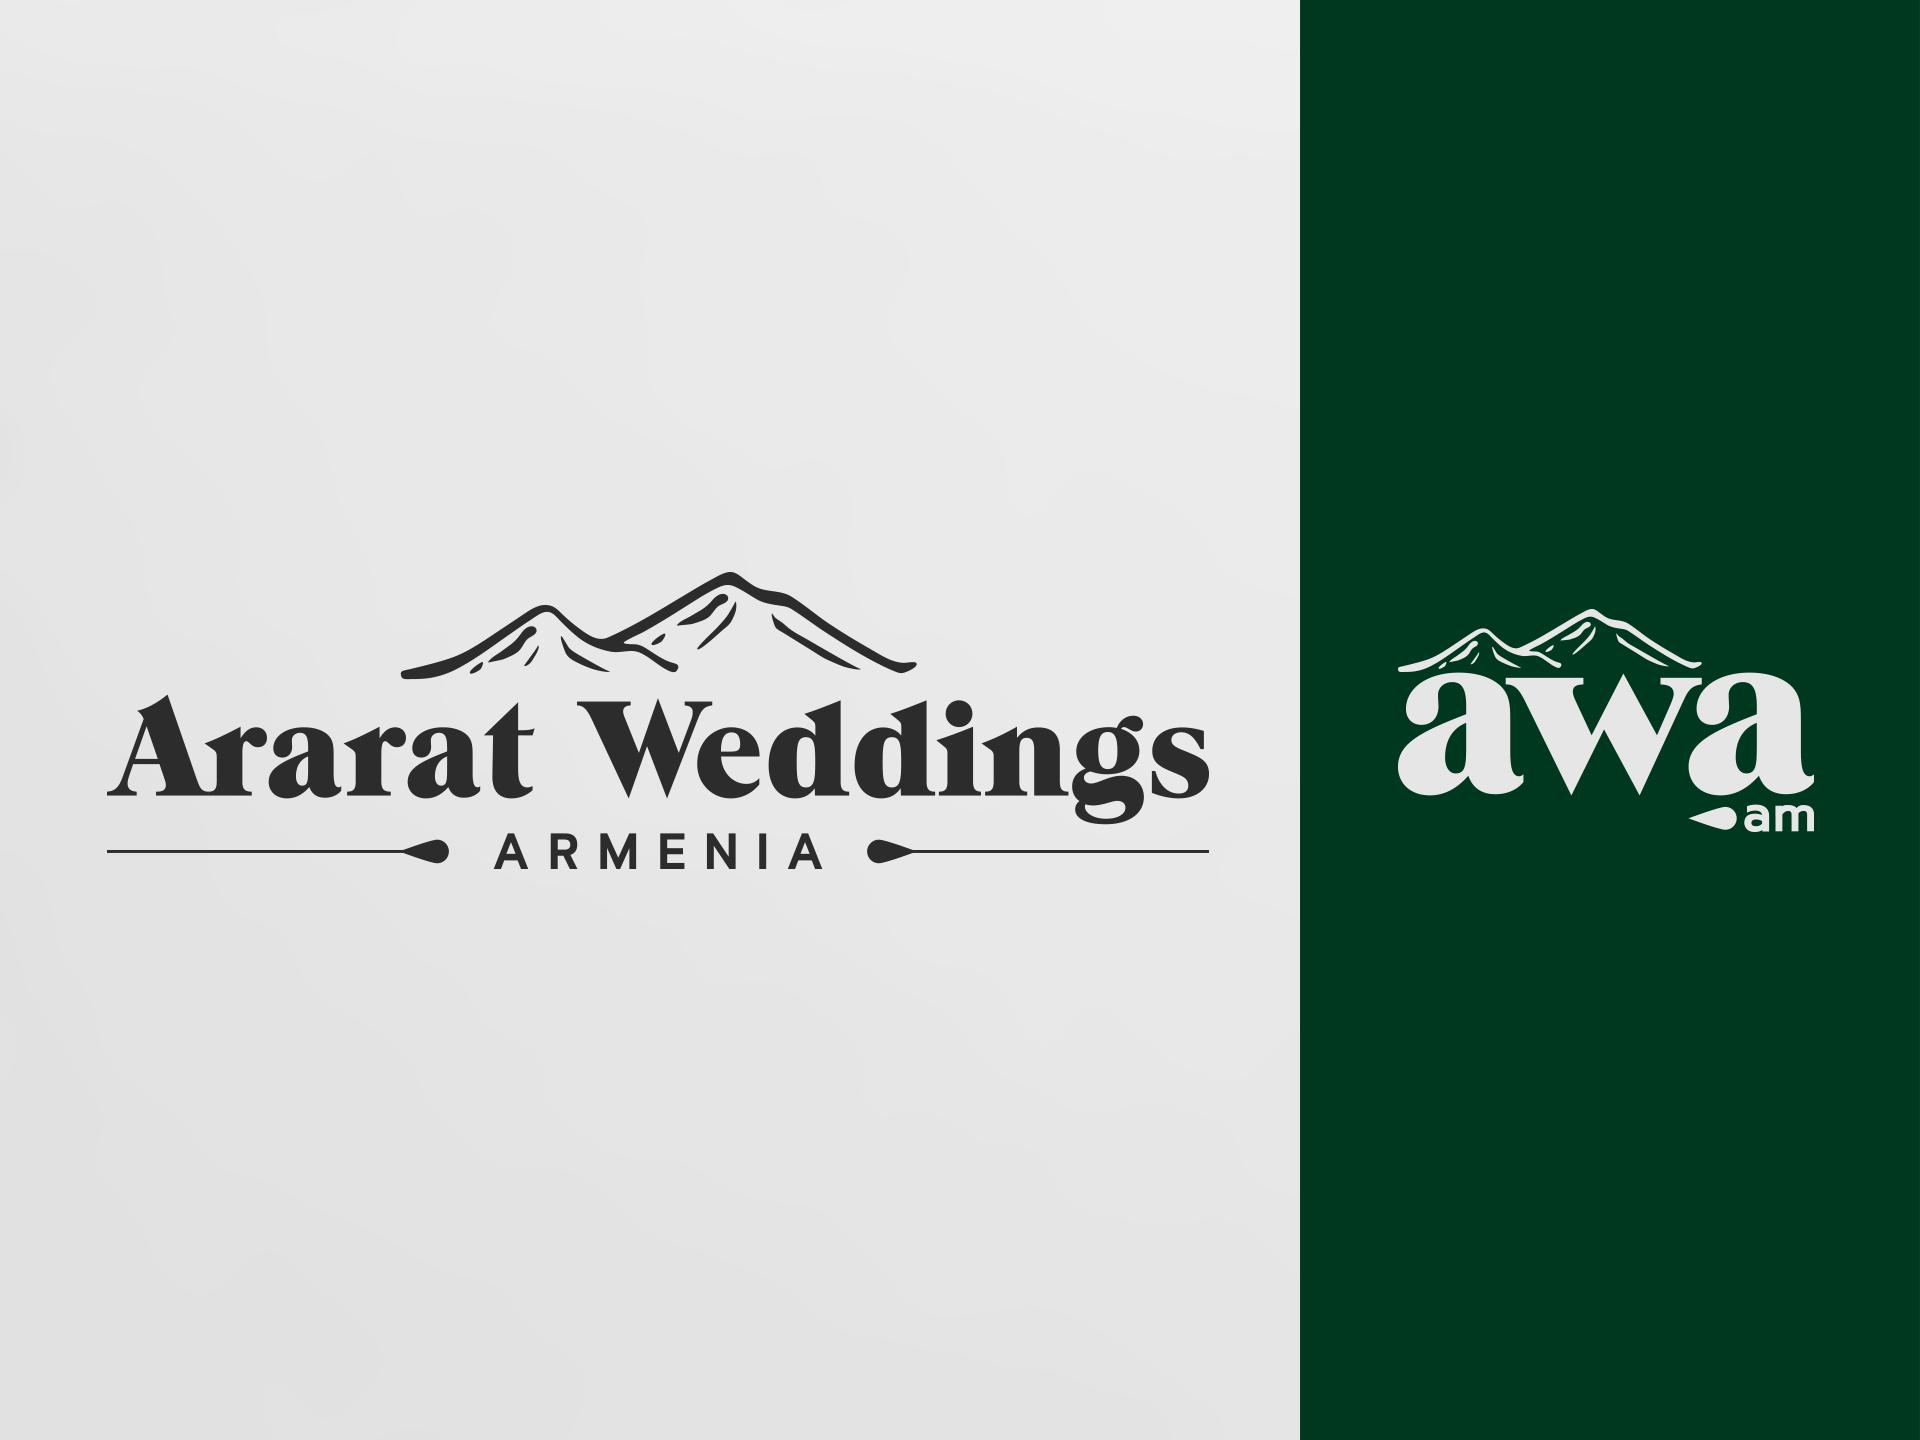 Ararat weddings armenia logo 1